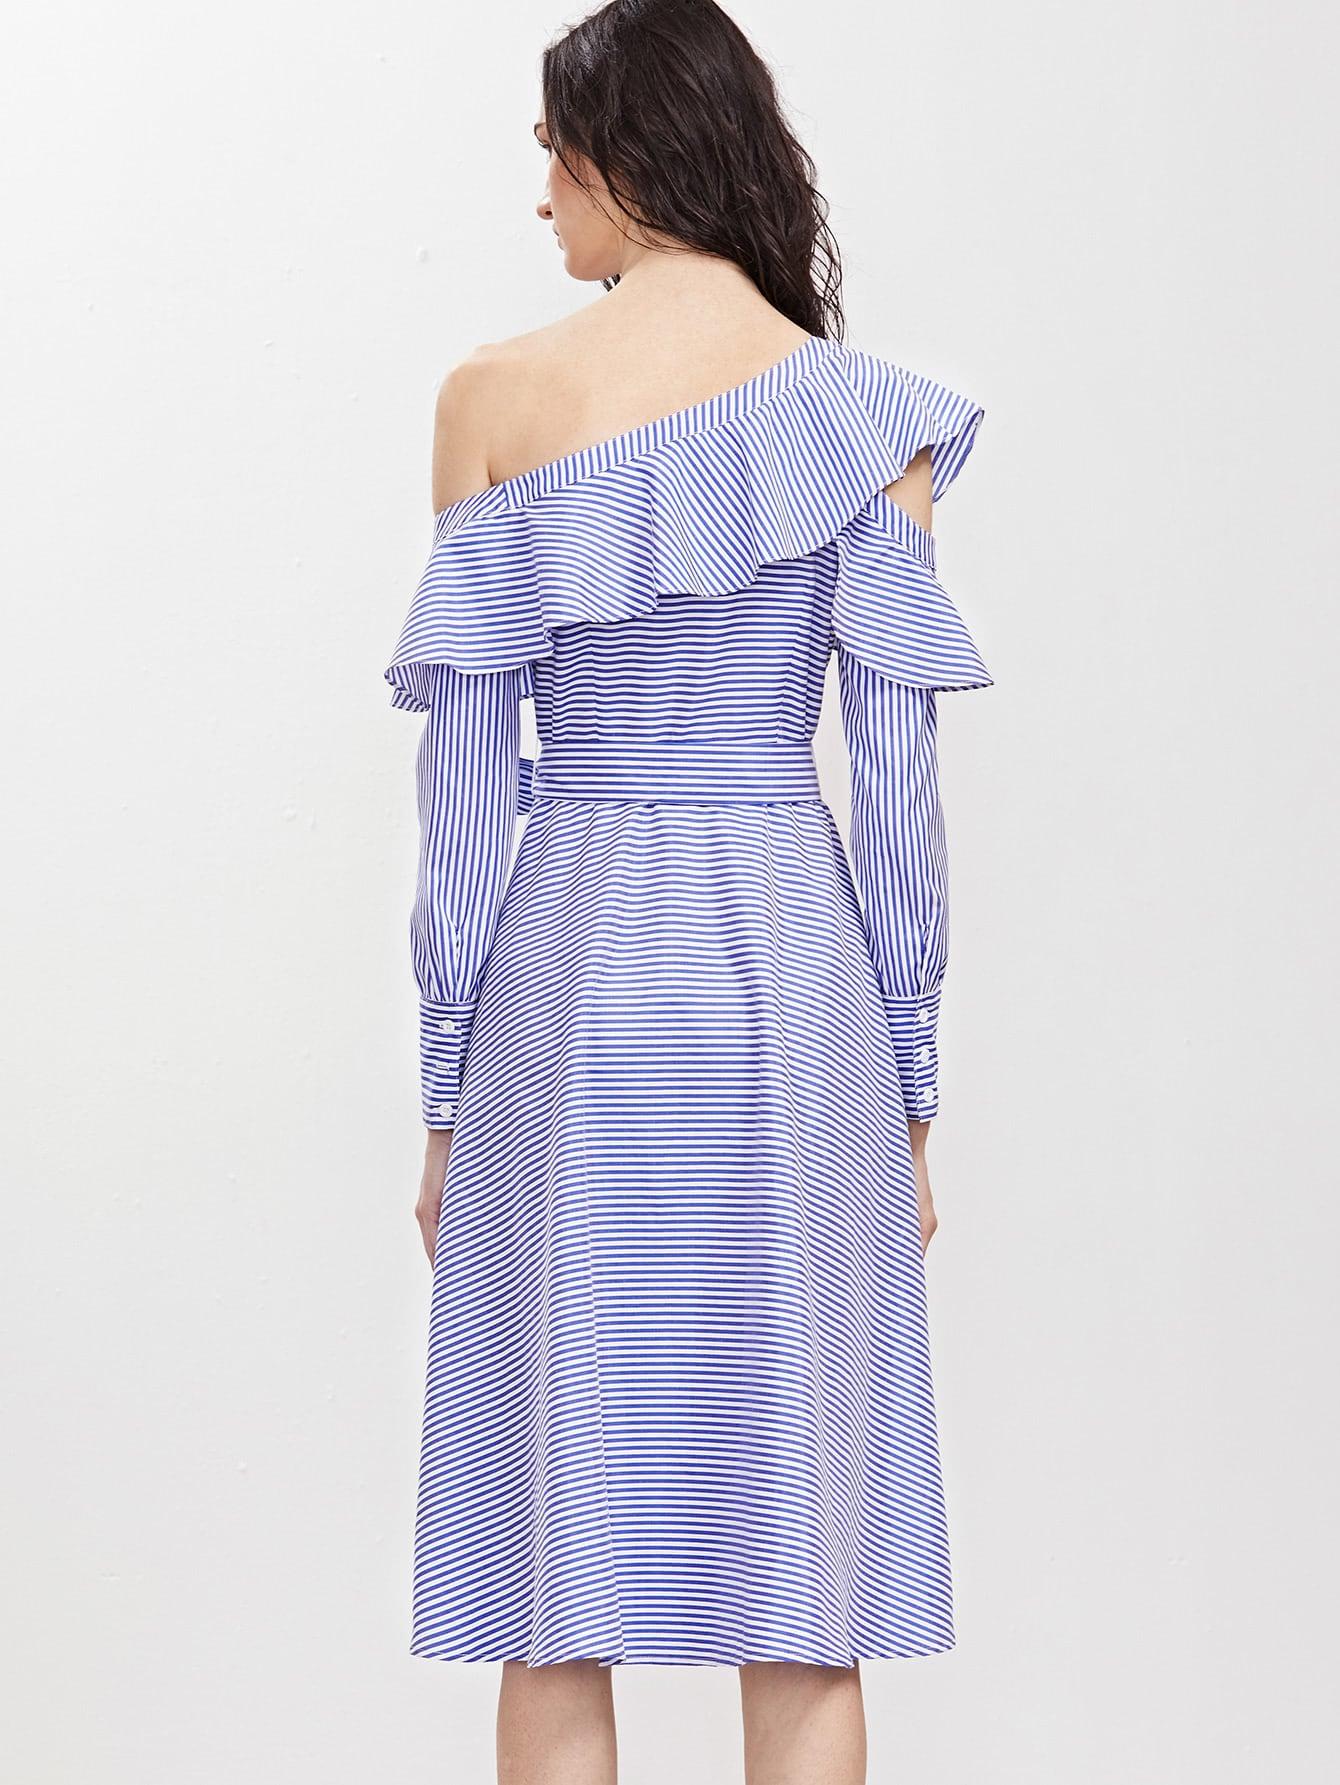 dress161227720_2